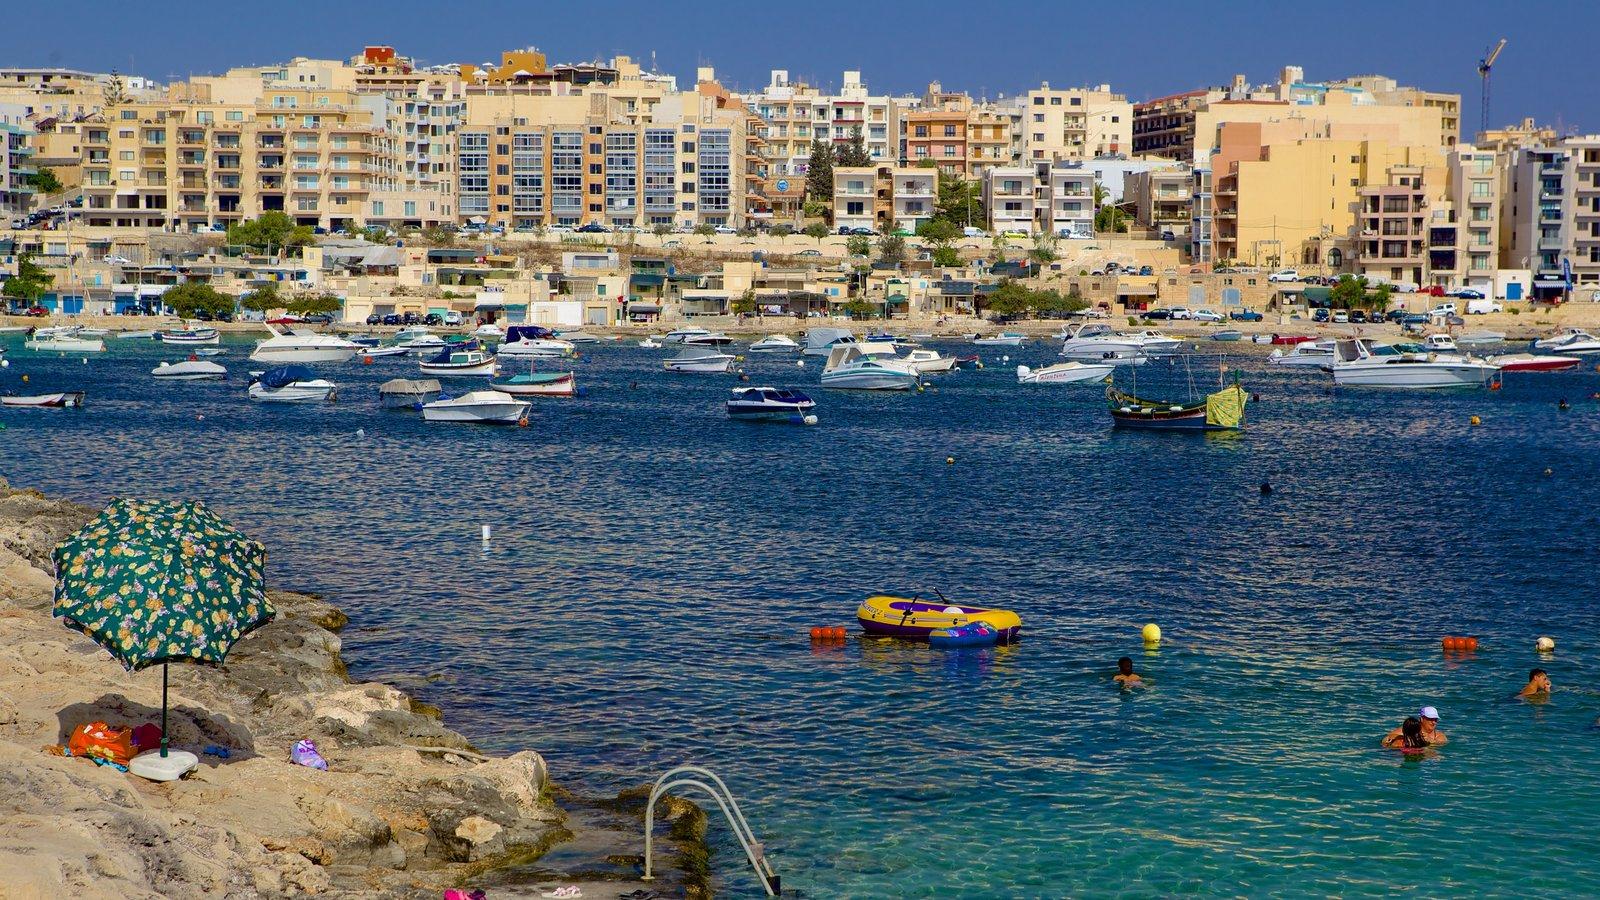 Qawra ofreciendo una bahía o puerto y una ciudad costera